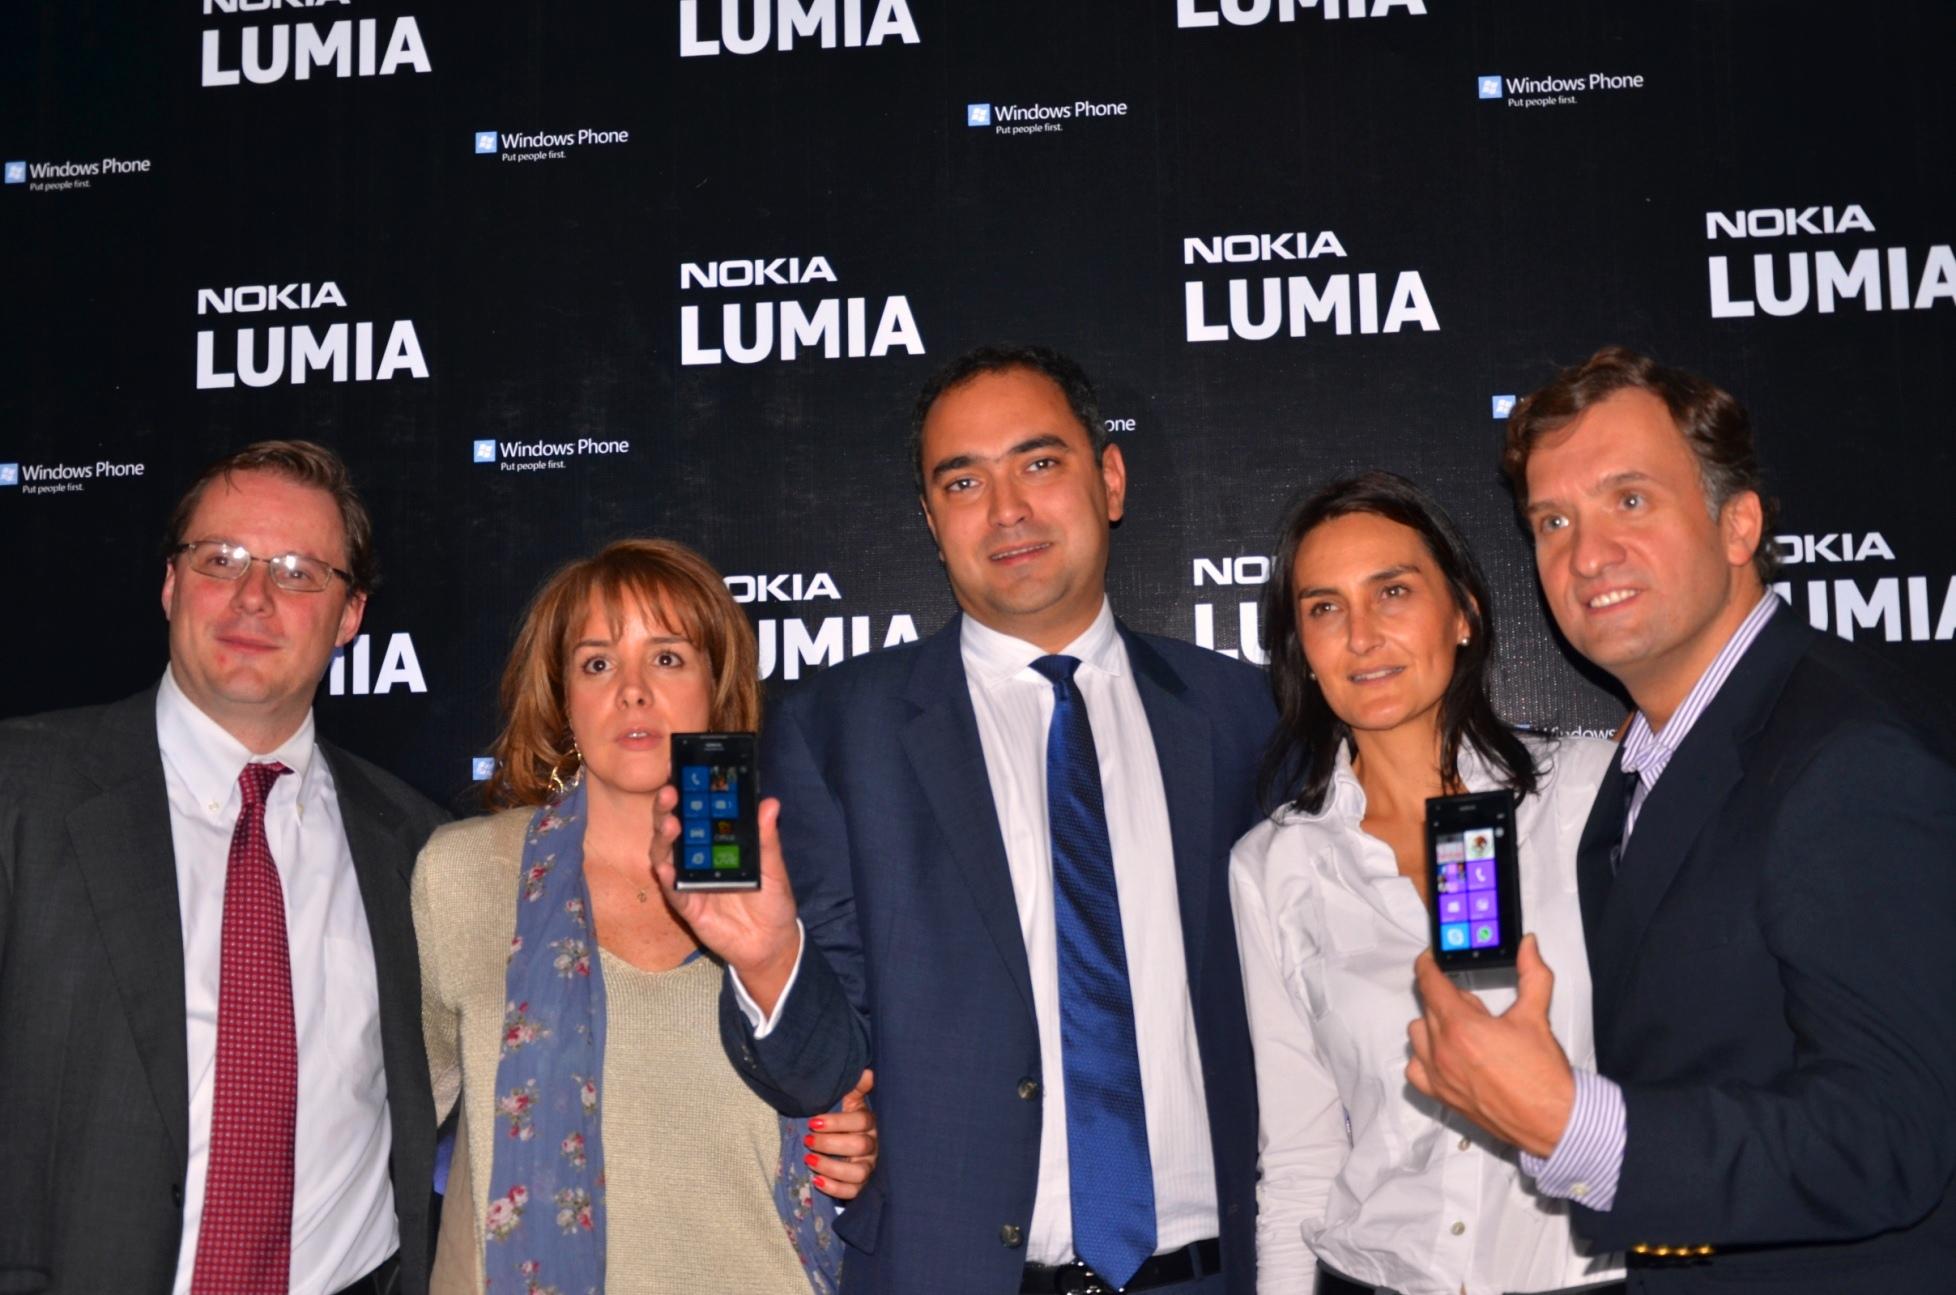 Lanzamiento Nokia Lumia 900 y 610